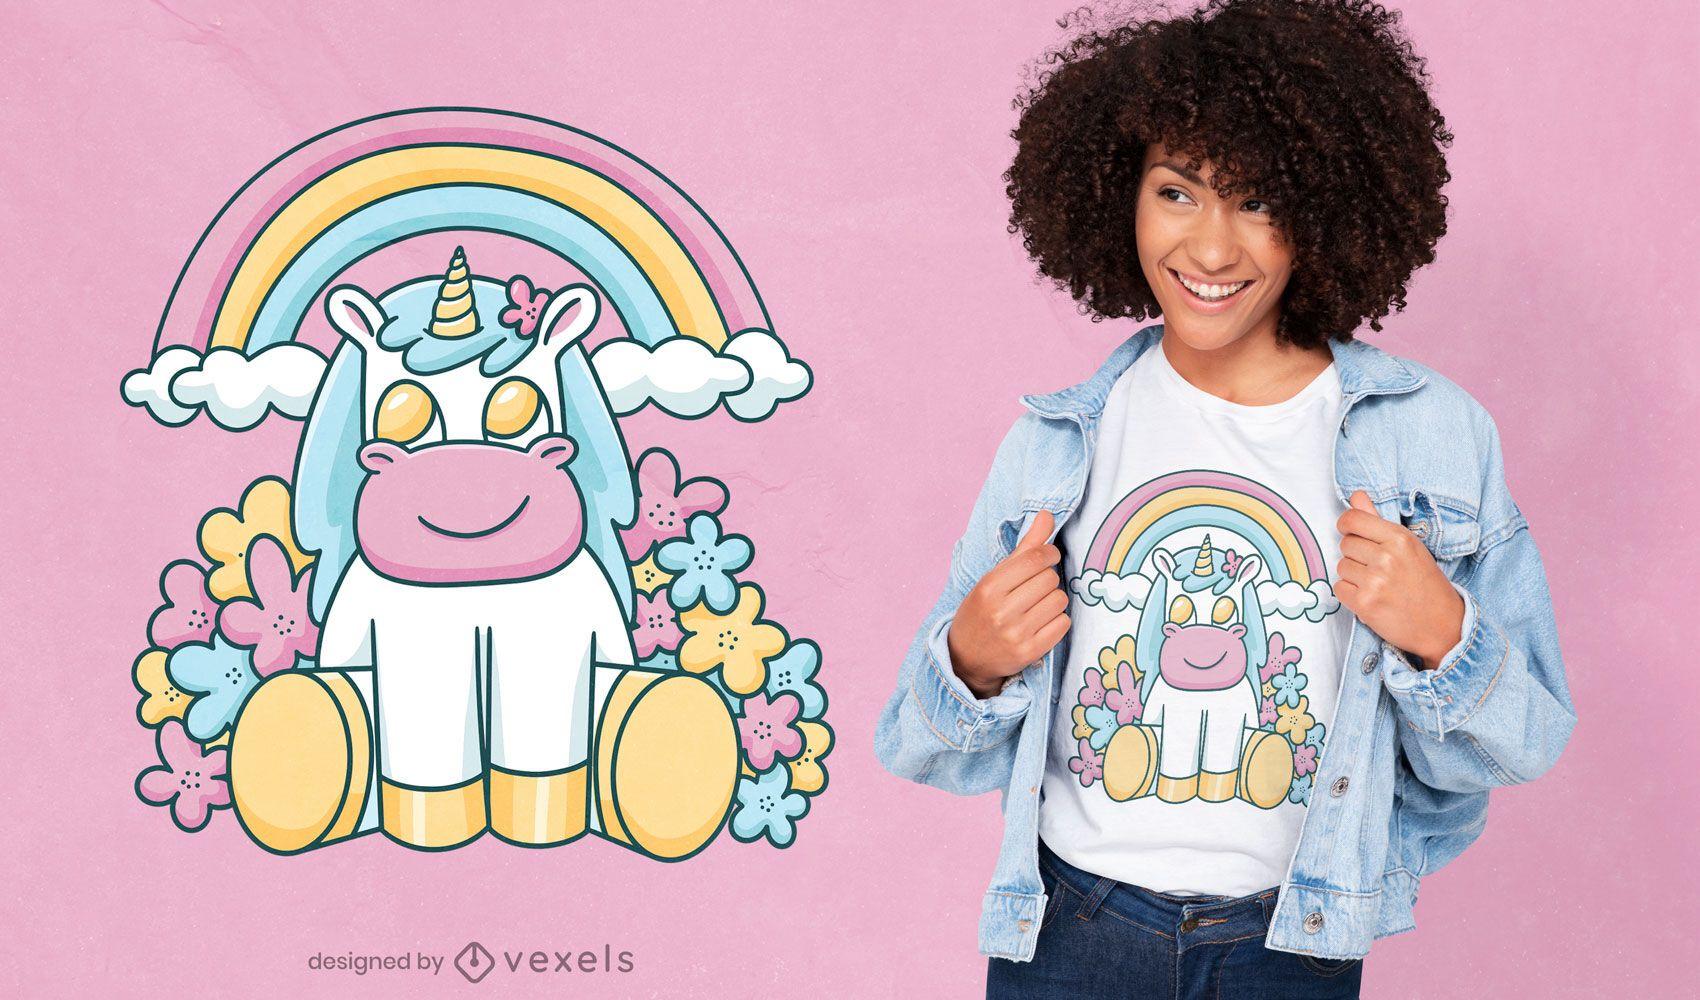 Diseño de camiseta lindo arco iris unicornio sonriente